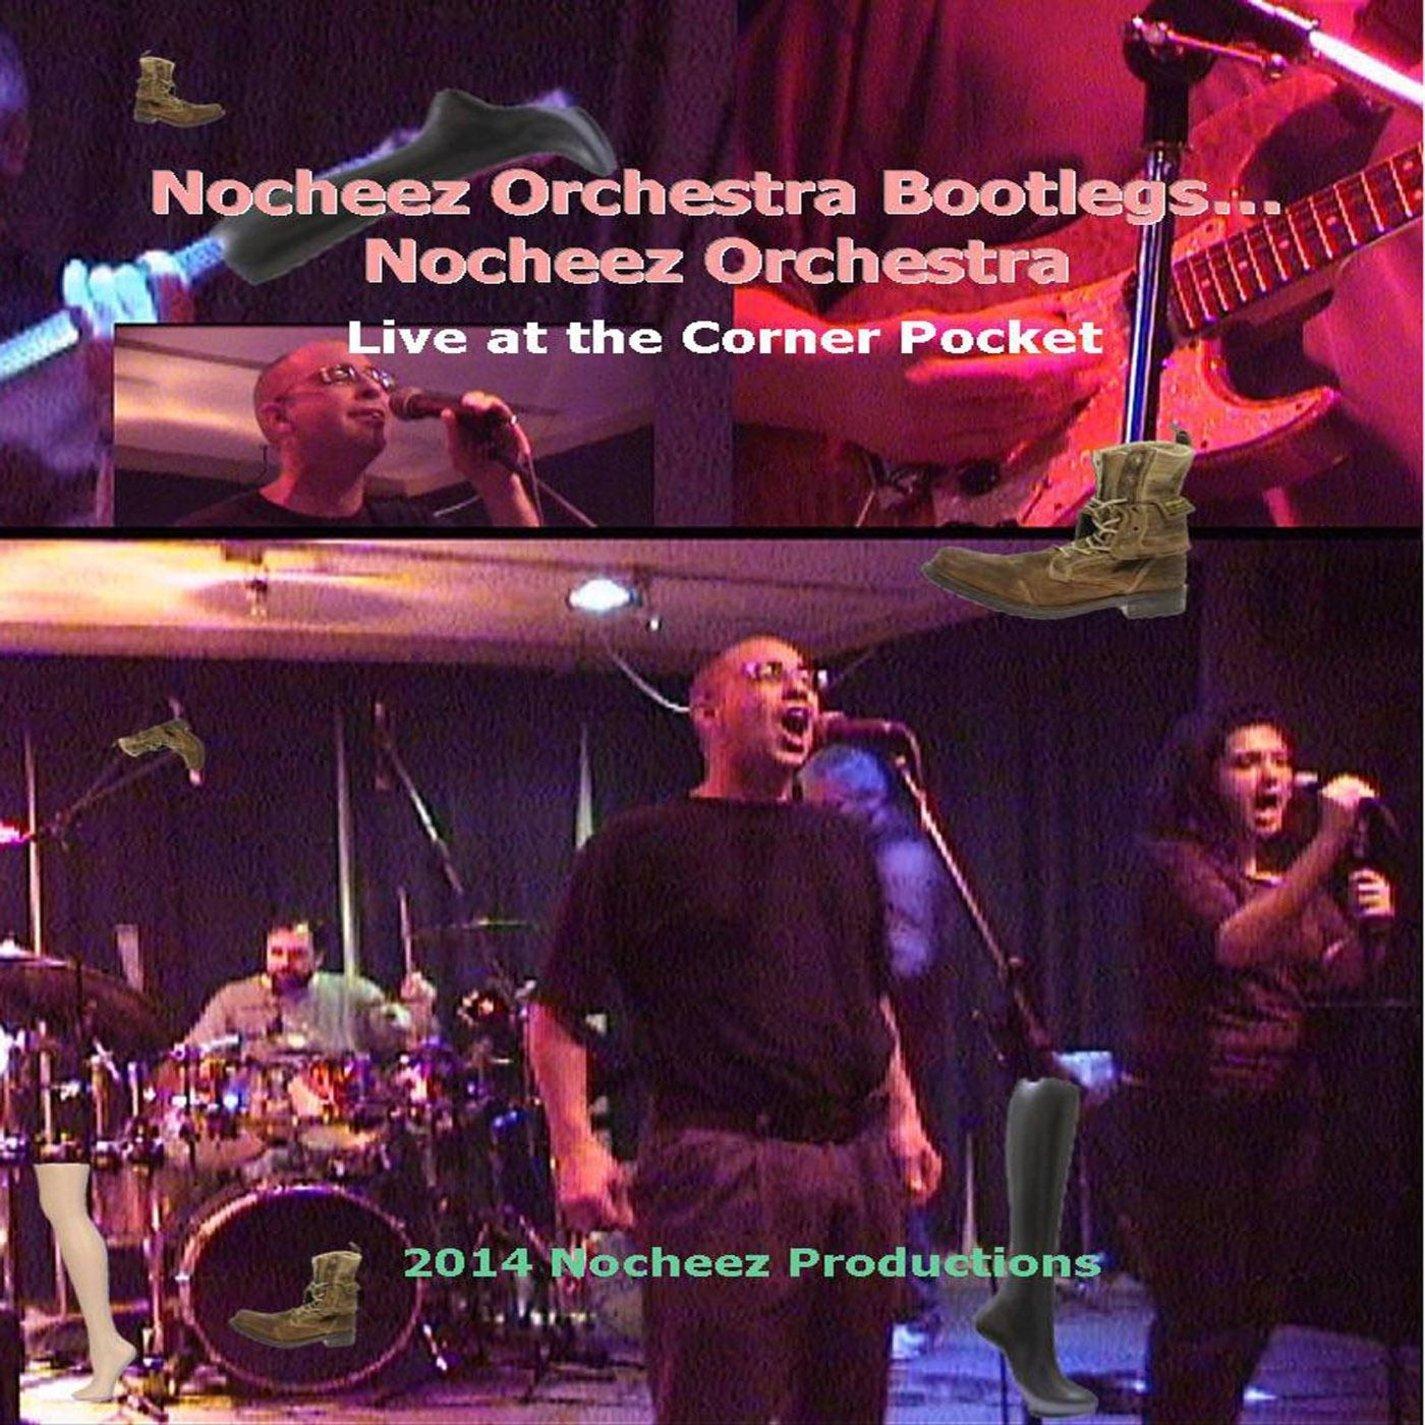 Nocheez Orchestra - Nocheez Orchestra Bootlegs Nocheez Orch